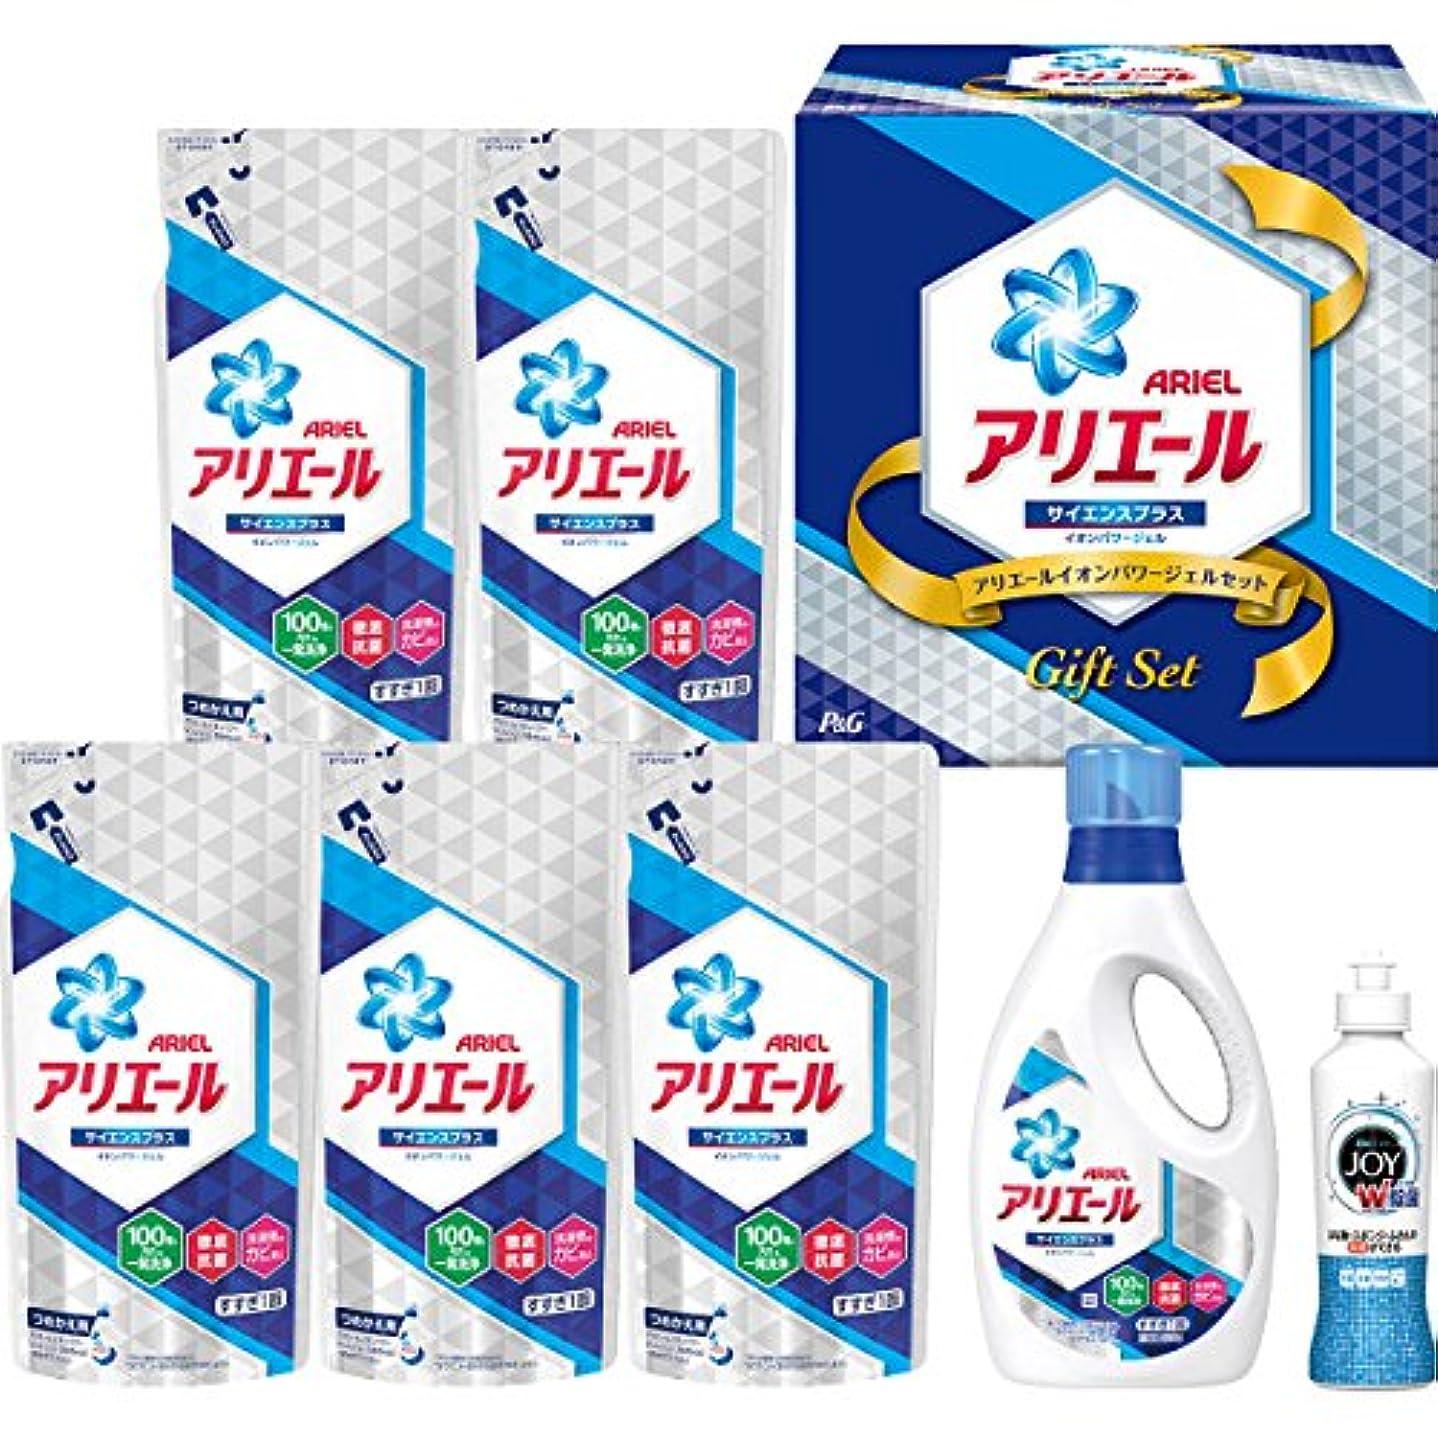 エリートハウジング不屈P&G(ピーアンドジー) 【お歳暮2018】P&G アリエールイオンパワージェルセット(PGIG-40XA)